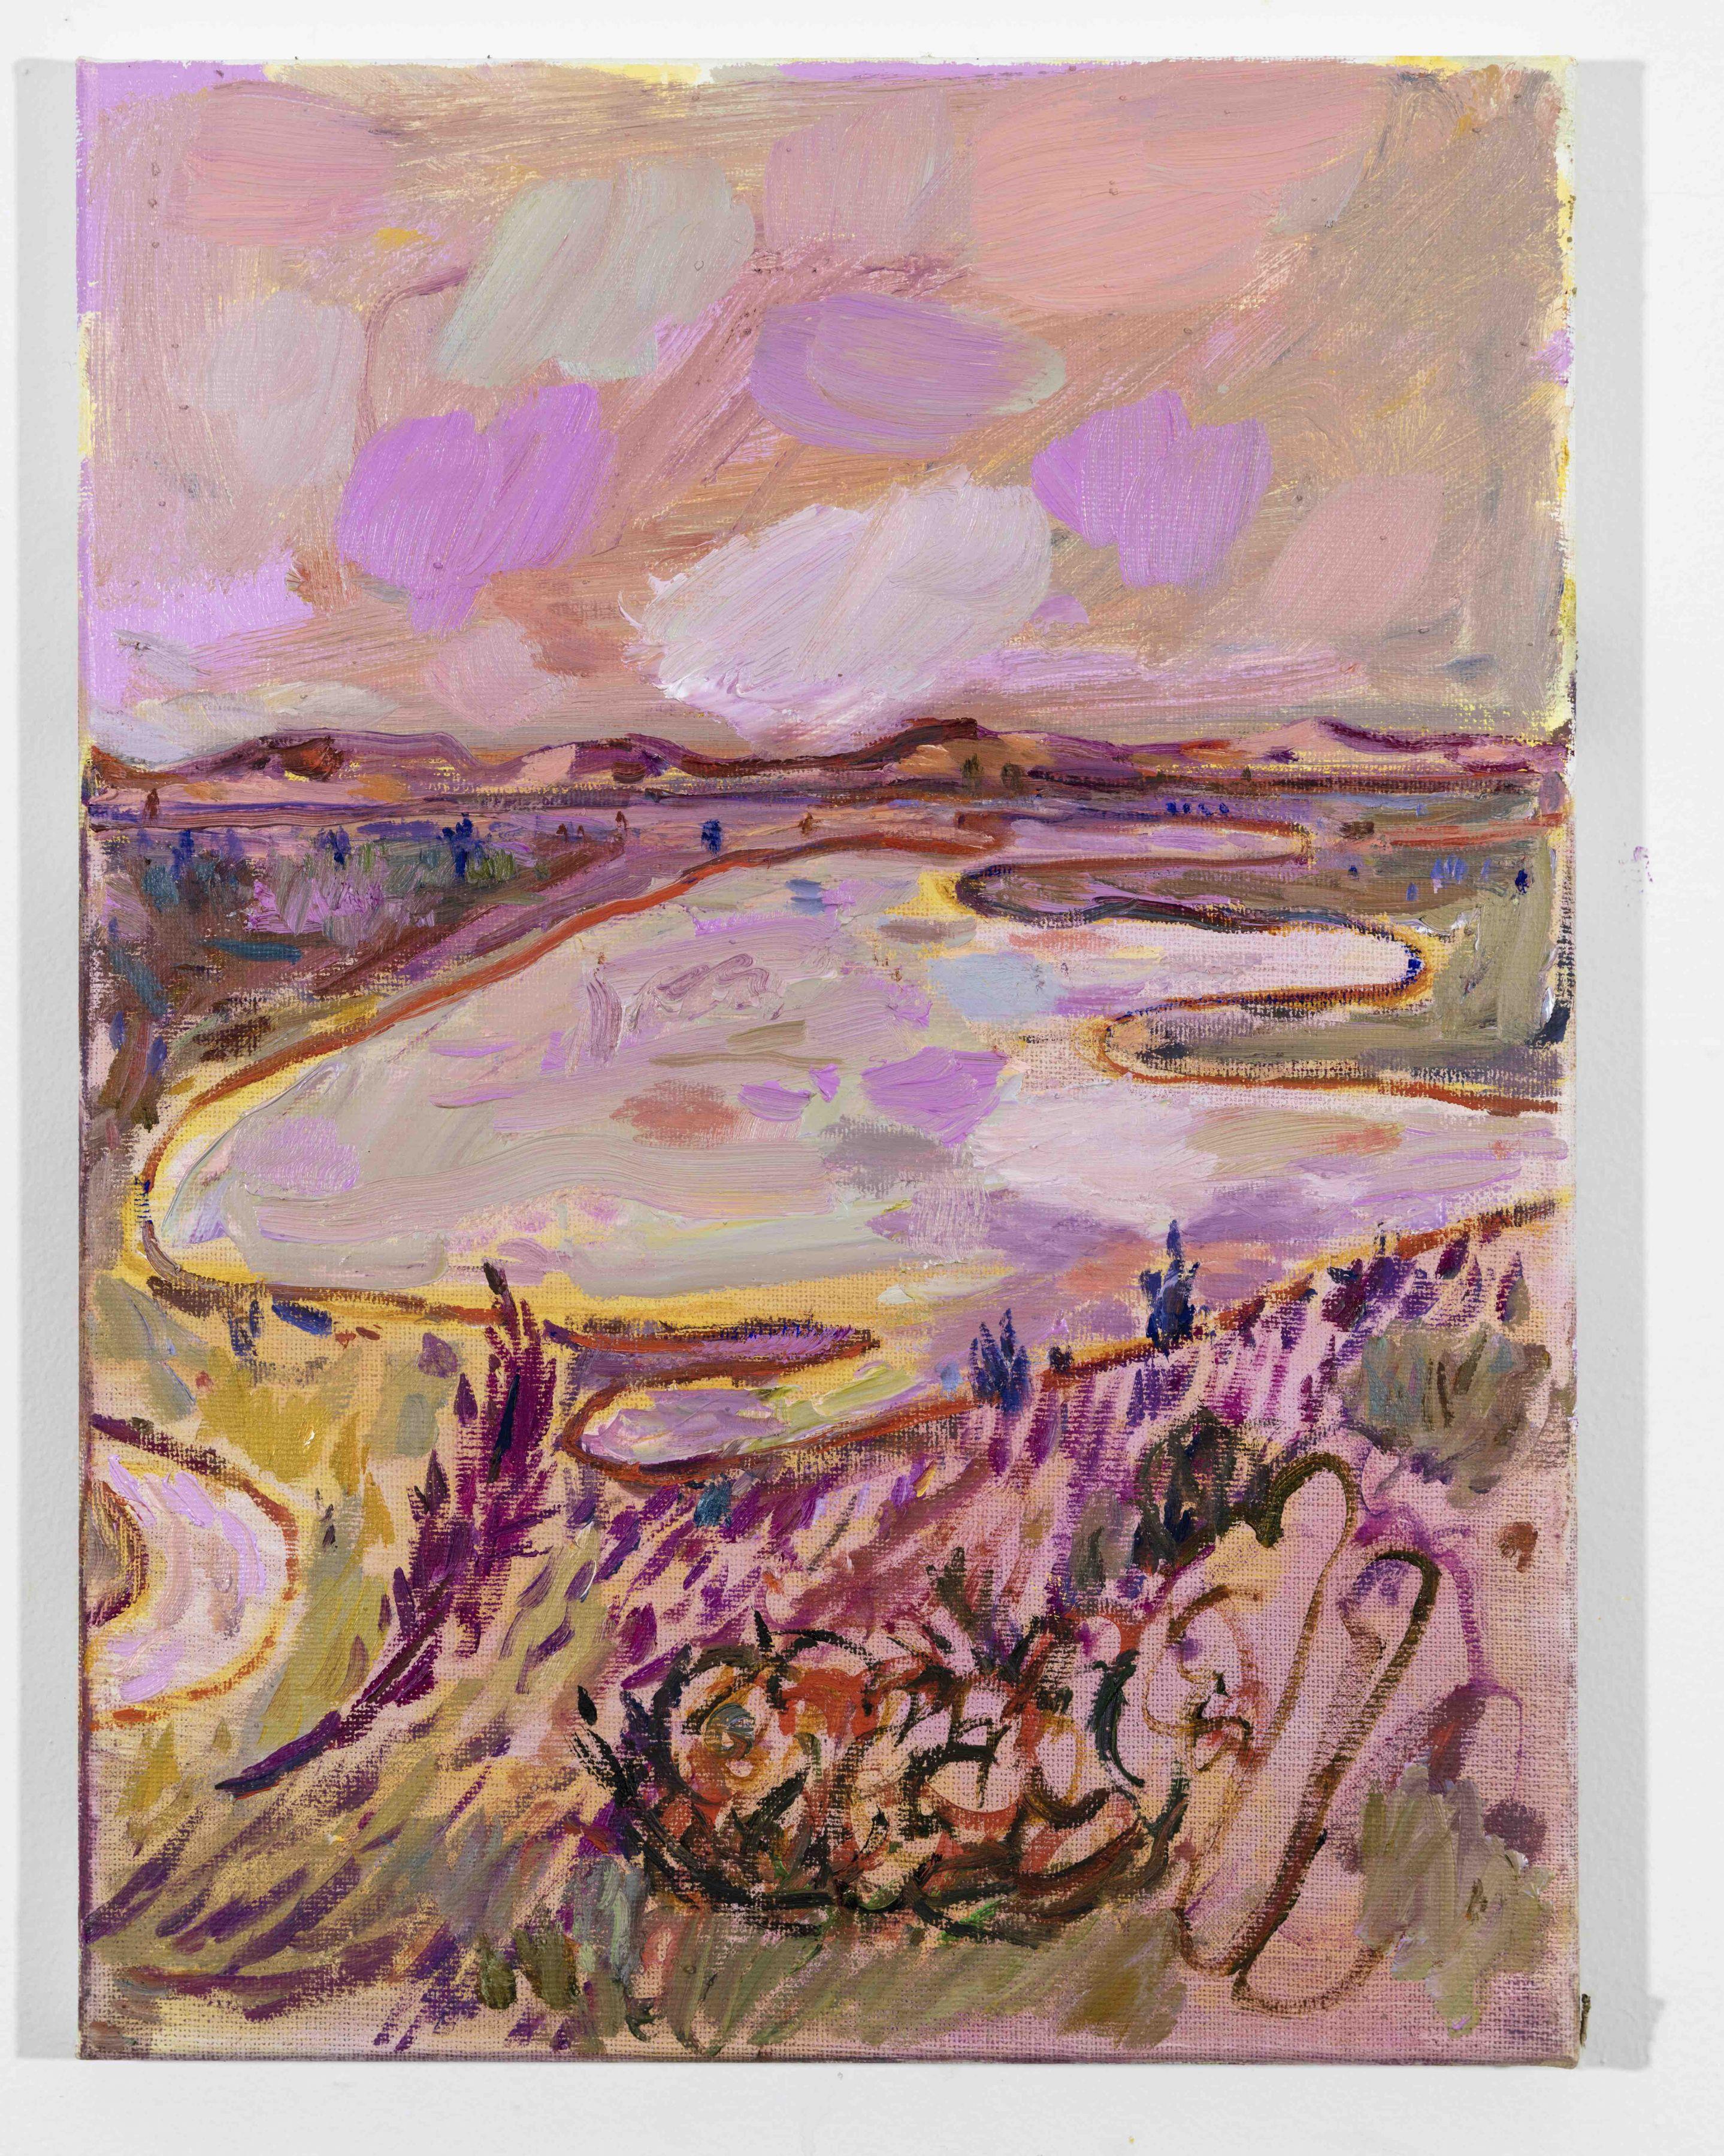 LISA SANDITZ, Landscape Color Study 28, 2019